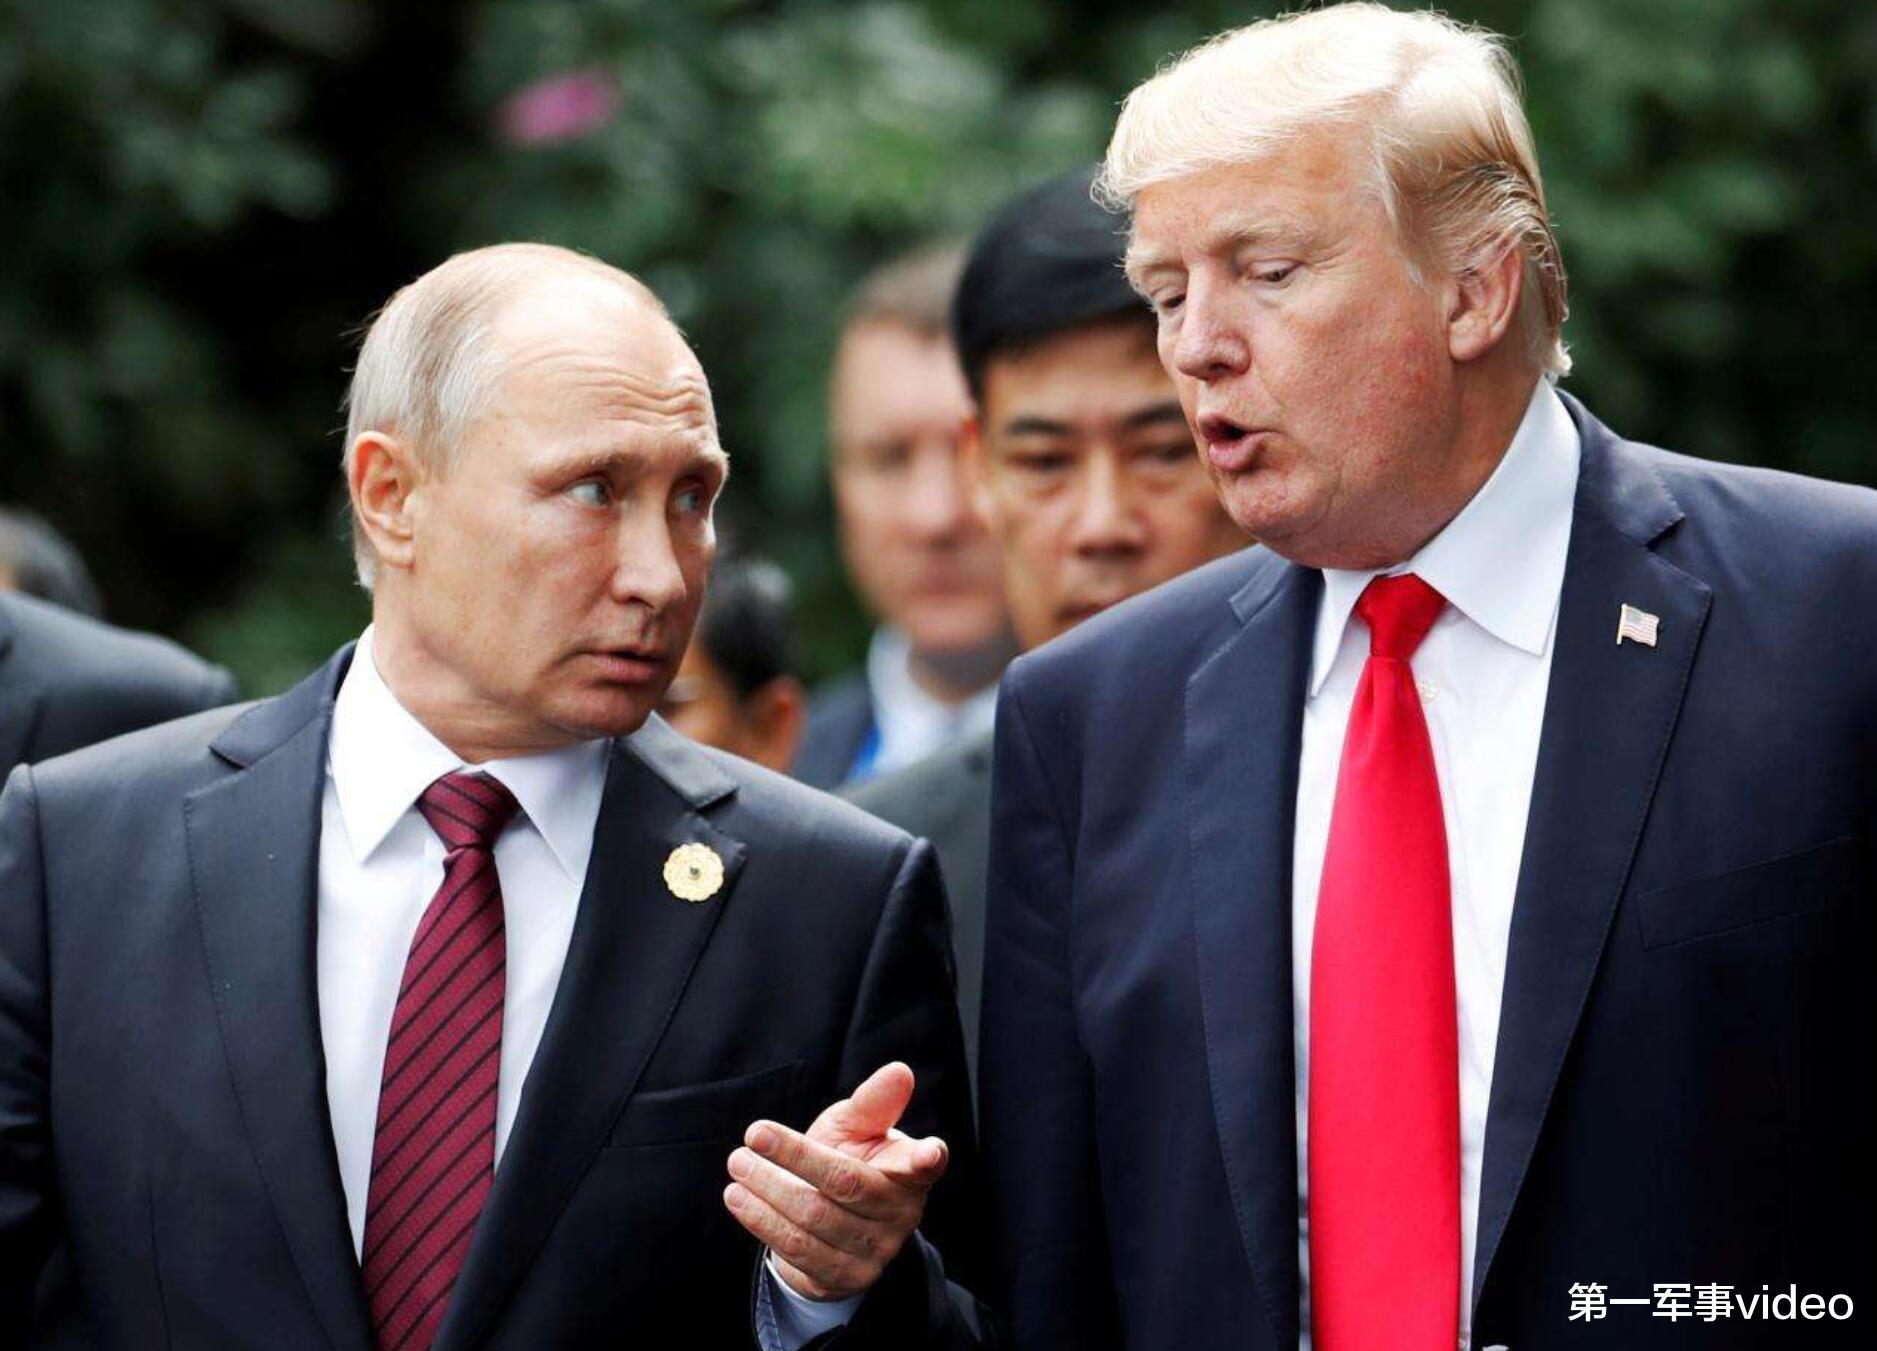 美俄一旦動手,俄真正盟友會是誰?專傢說出兩個堅強後盾-圖3